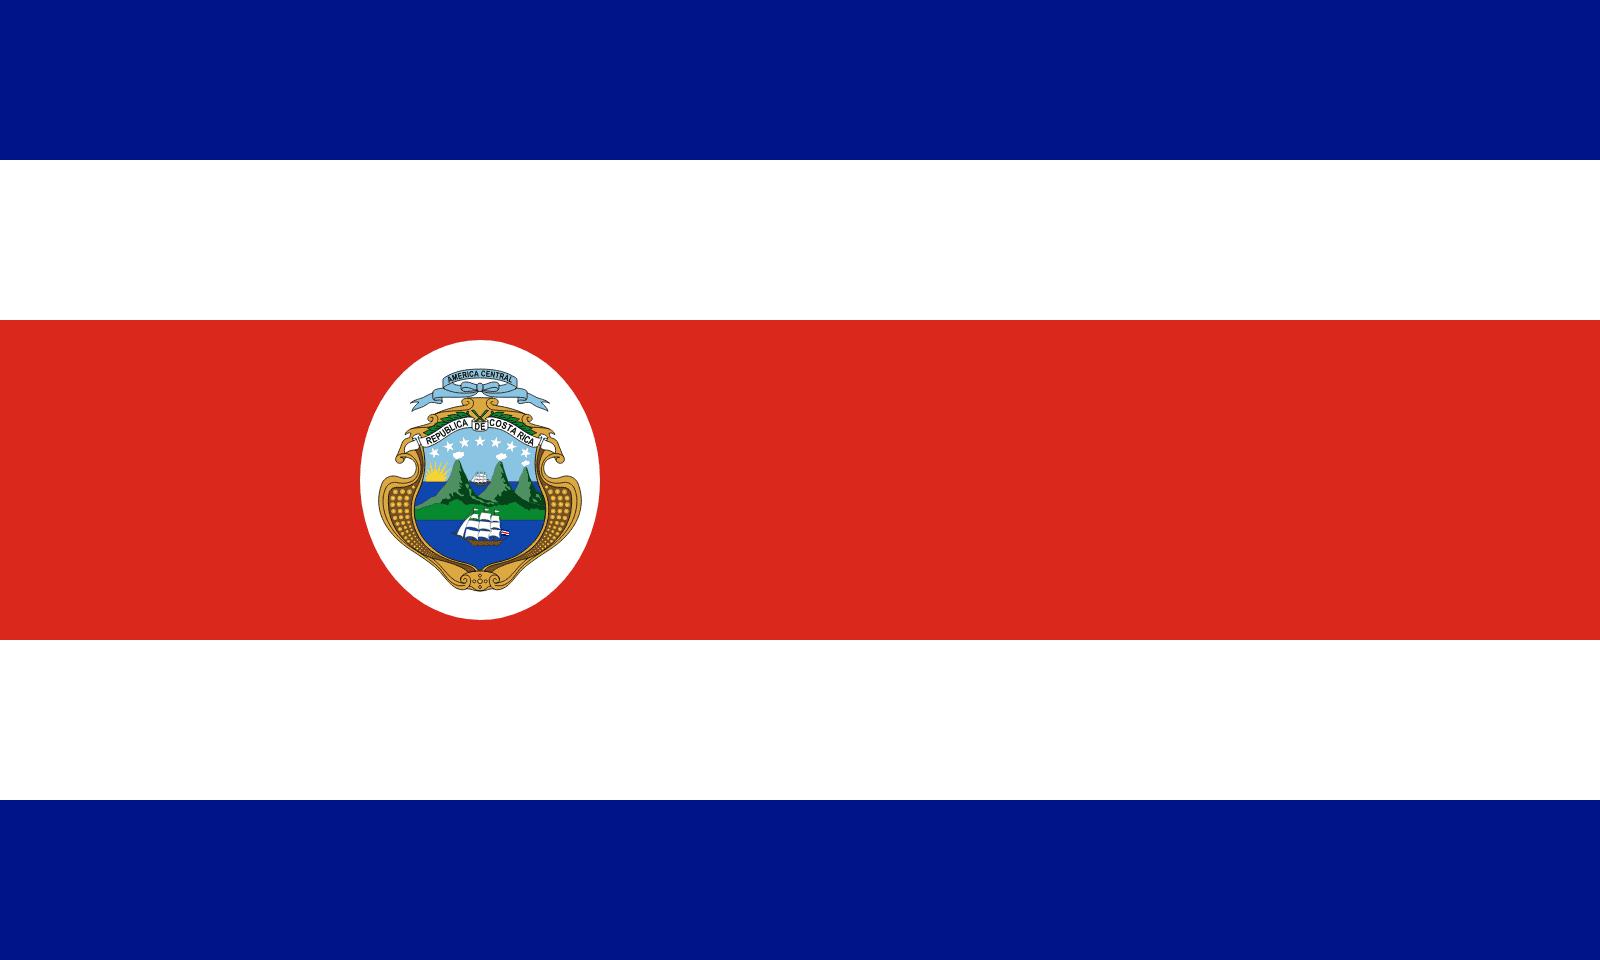 Bandera de Costa Rica | Banderas-mundo.es